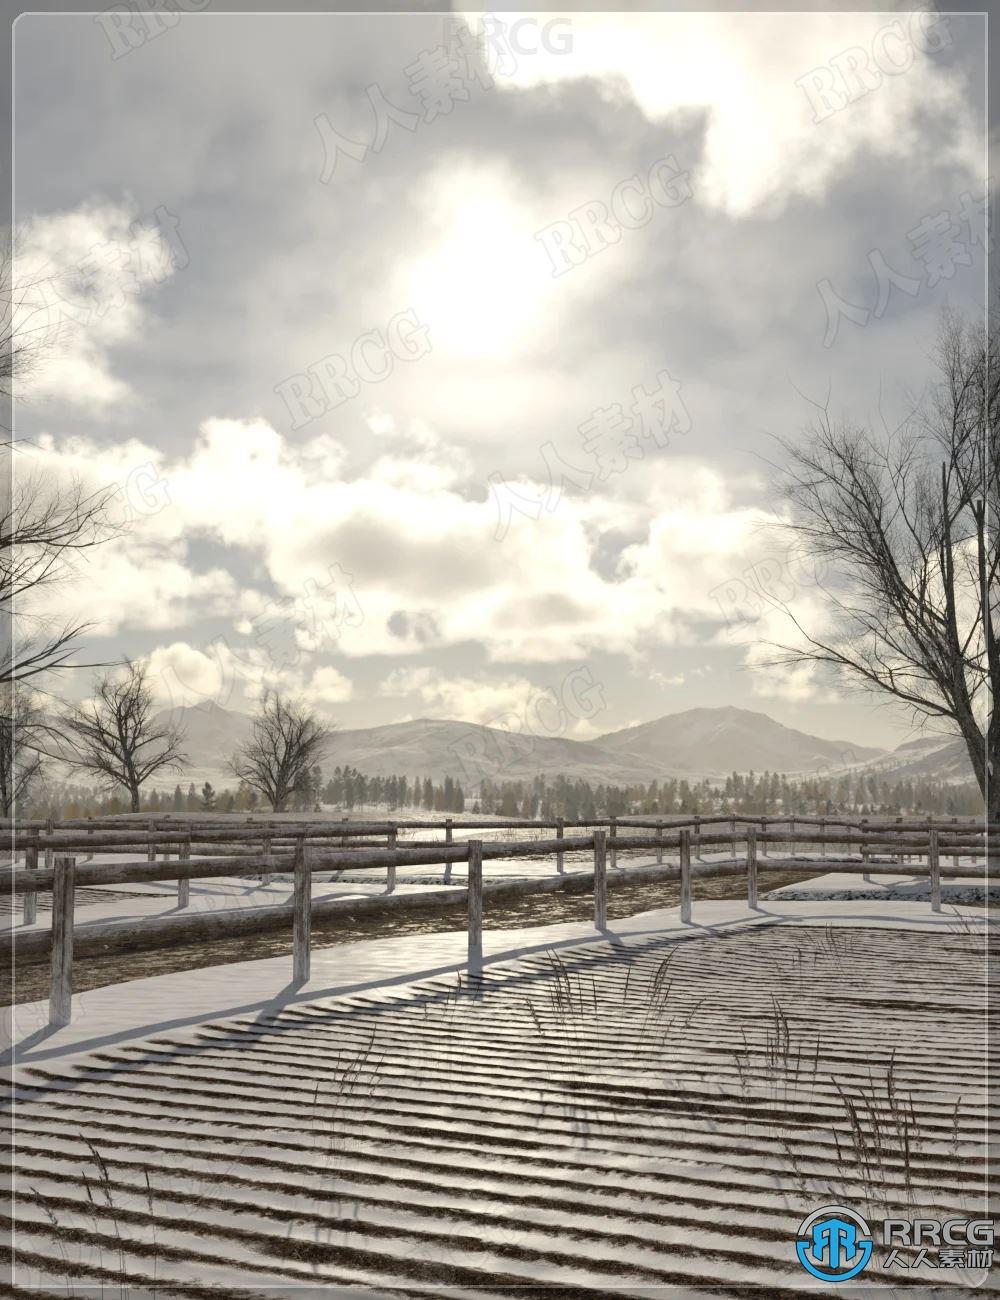 冬季空旷田野自然环境景观场景3D模型合集